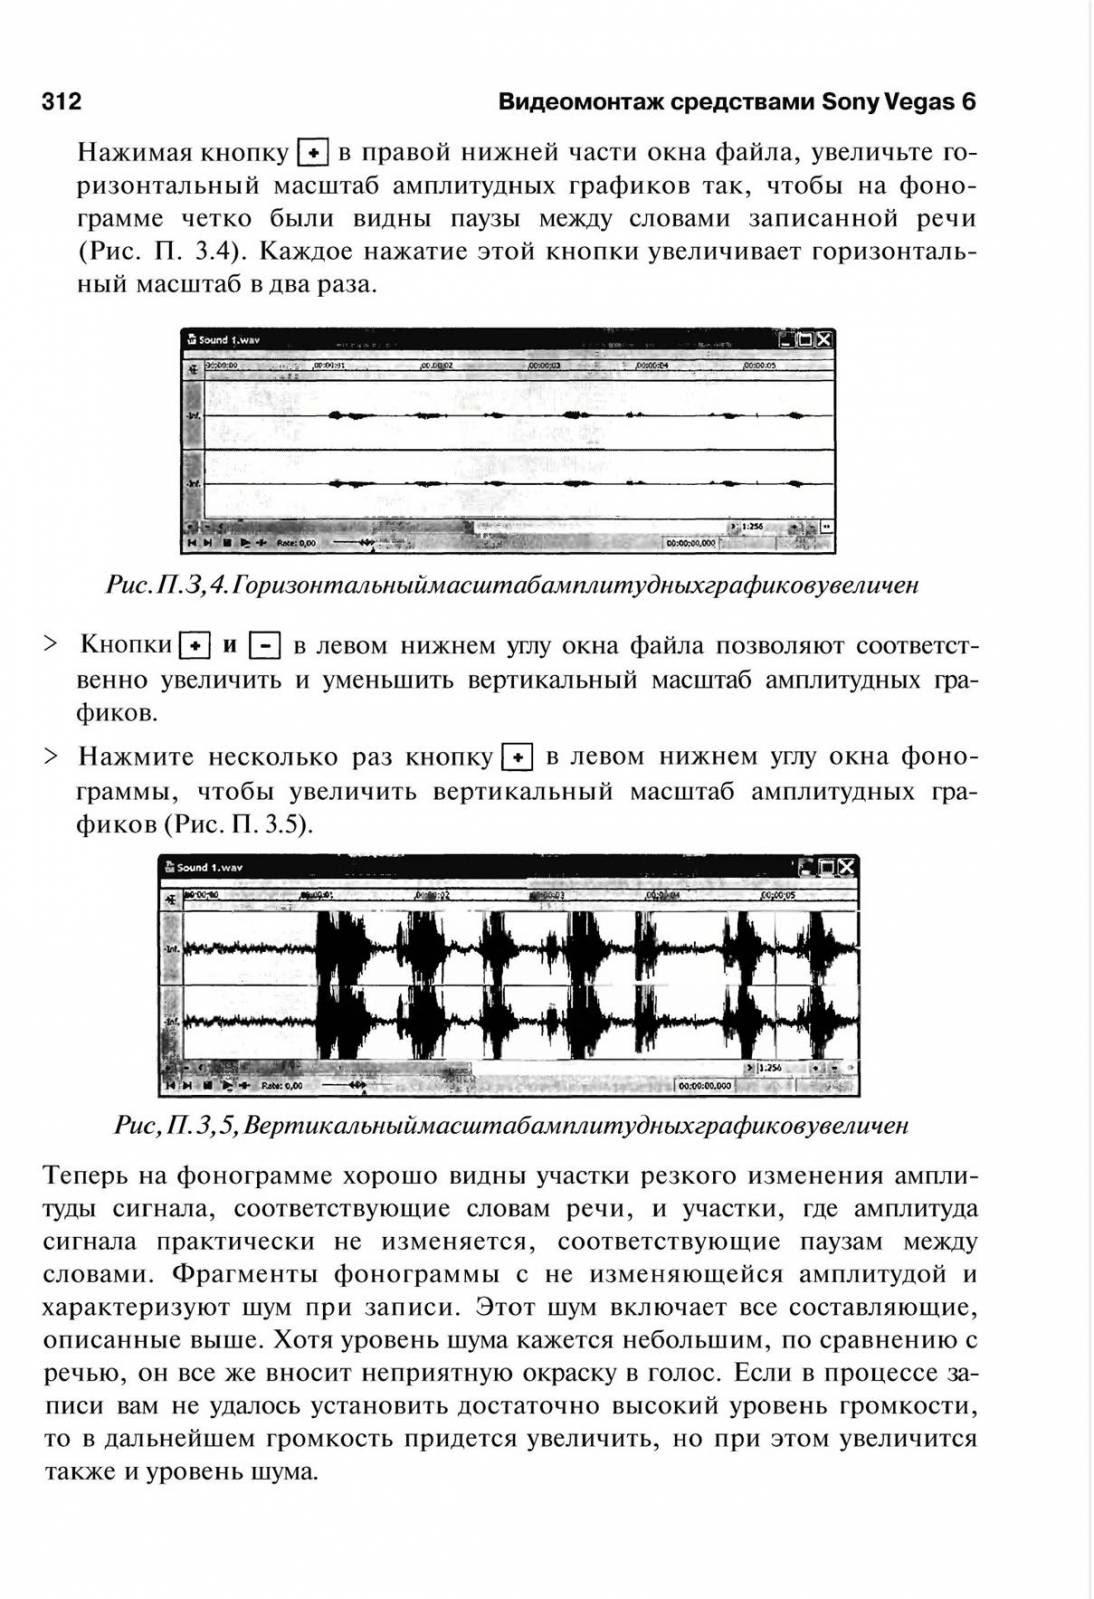 http://redaktori-uroki.3dn.ru/_ph/14/129291552.jpg